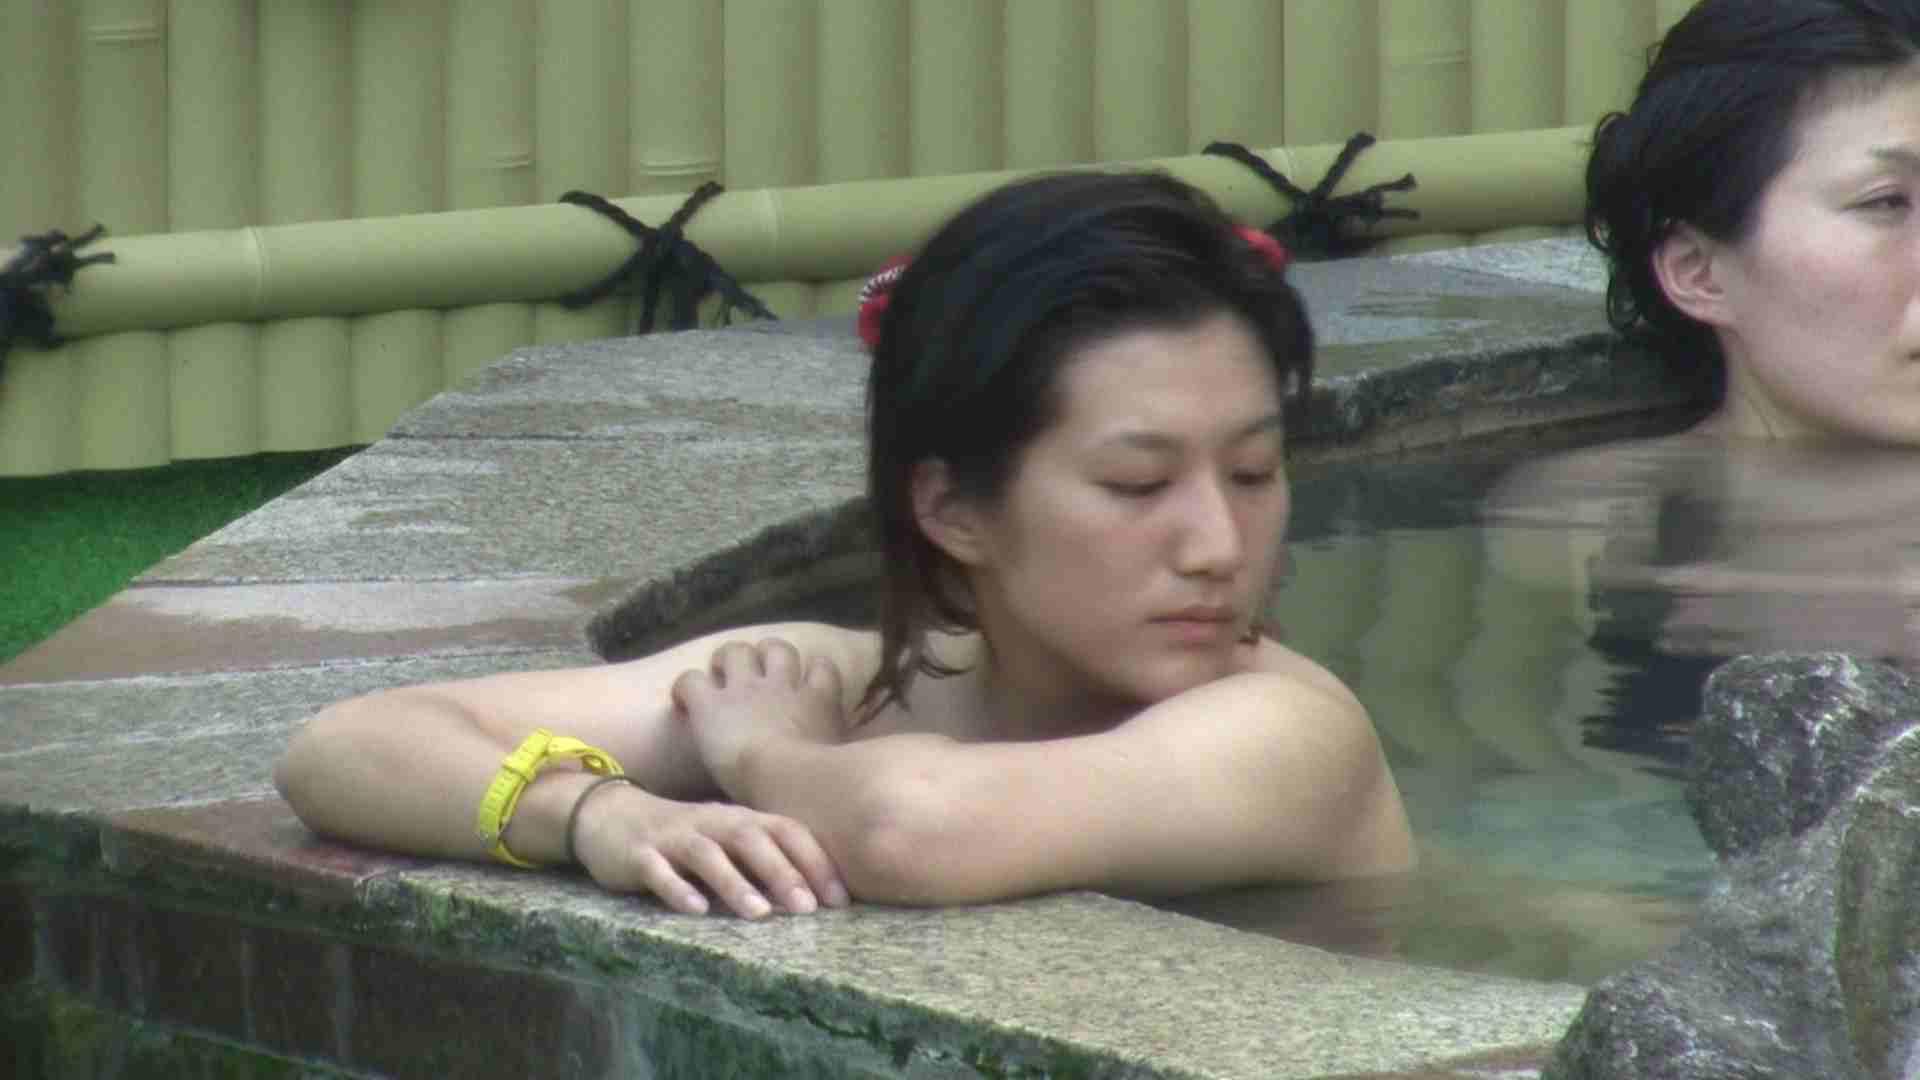 Aquaな露天風呂Vol.132 露天 | 盗撮特集  100画像 78